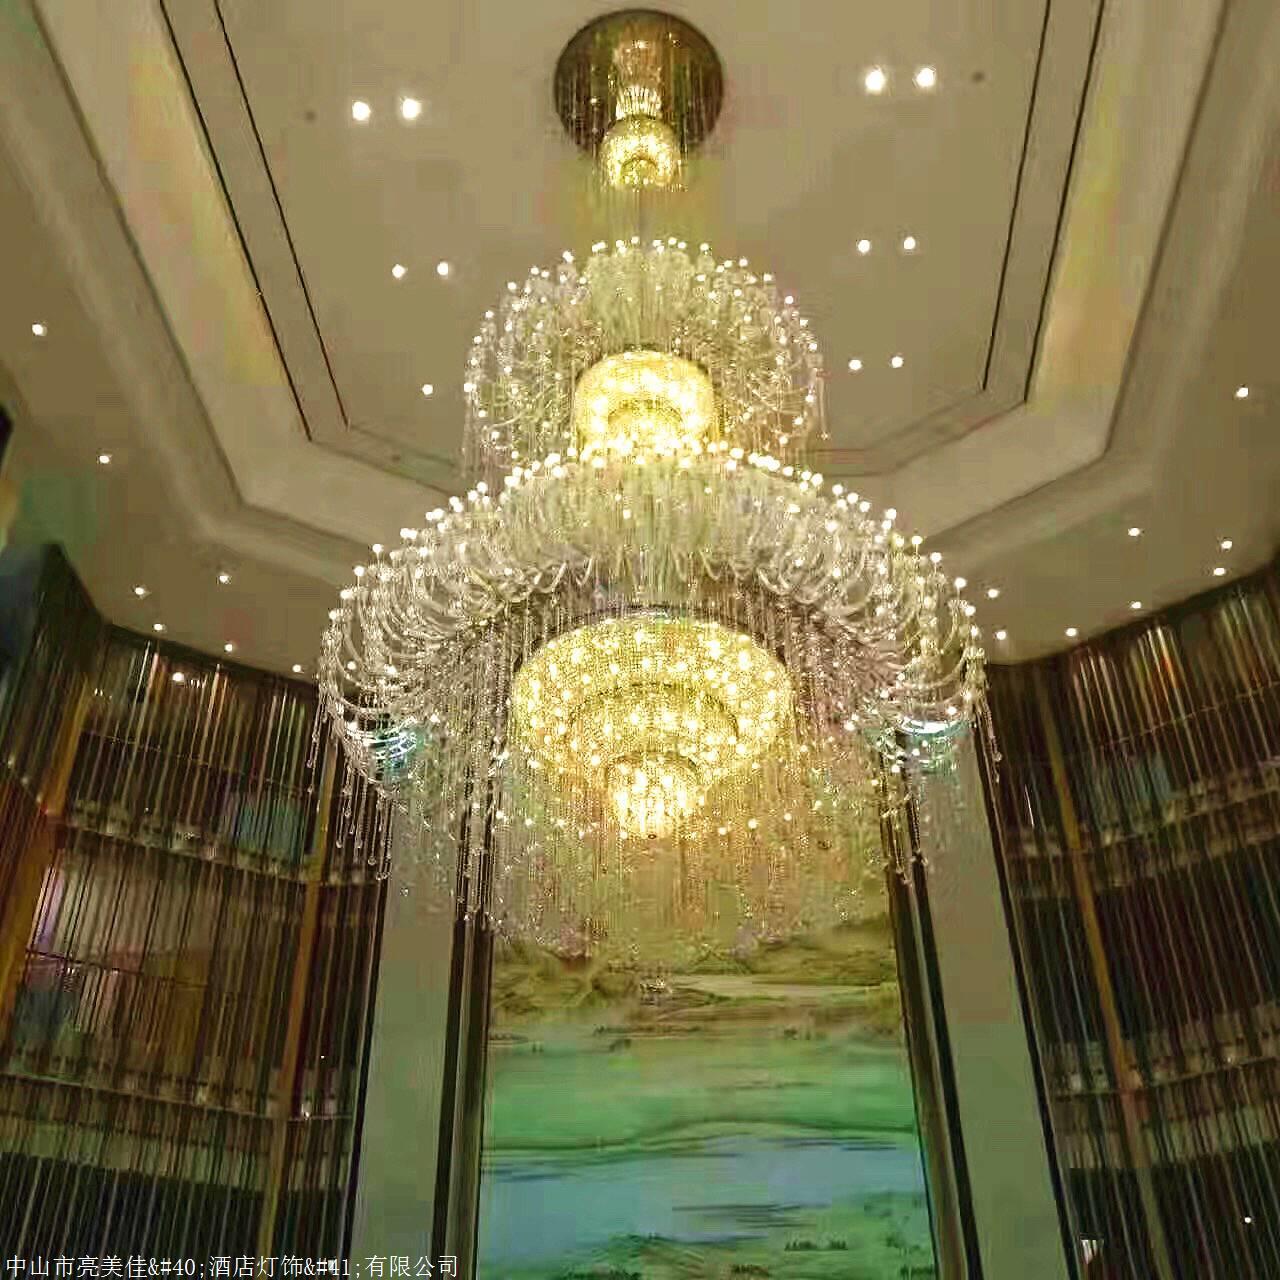 水晶吊灯 电梯前室灯具 写字楼大厅灯饰 酒店会所灯具